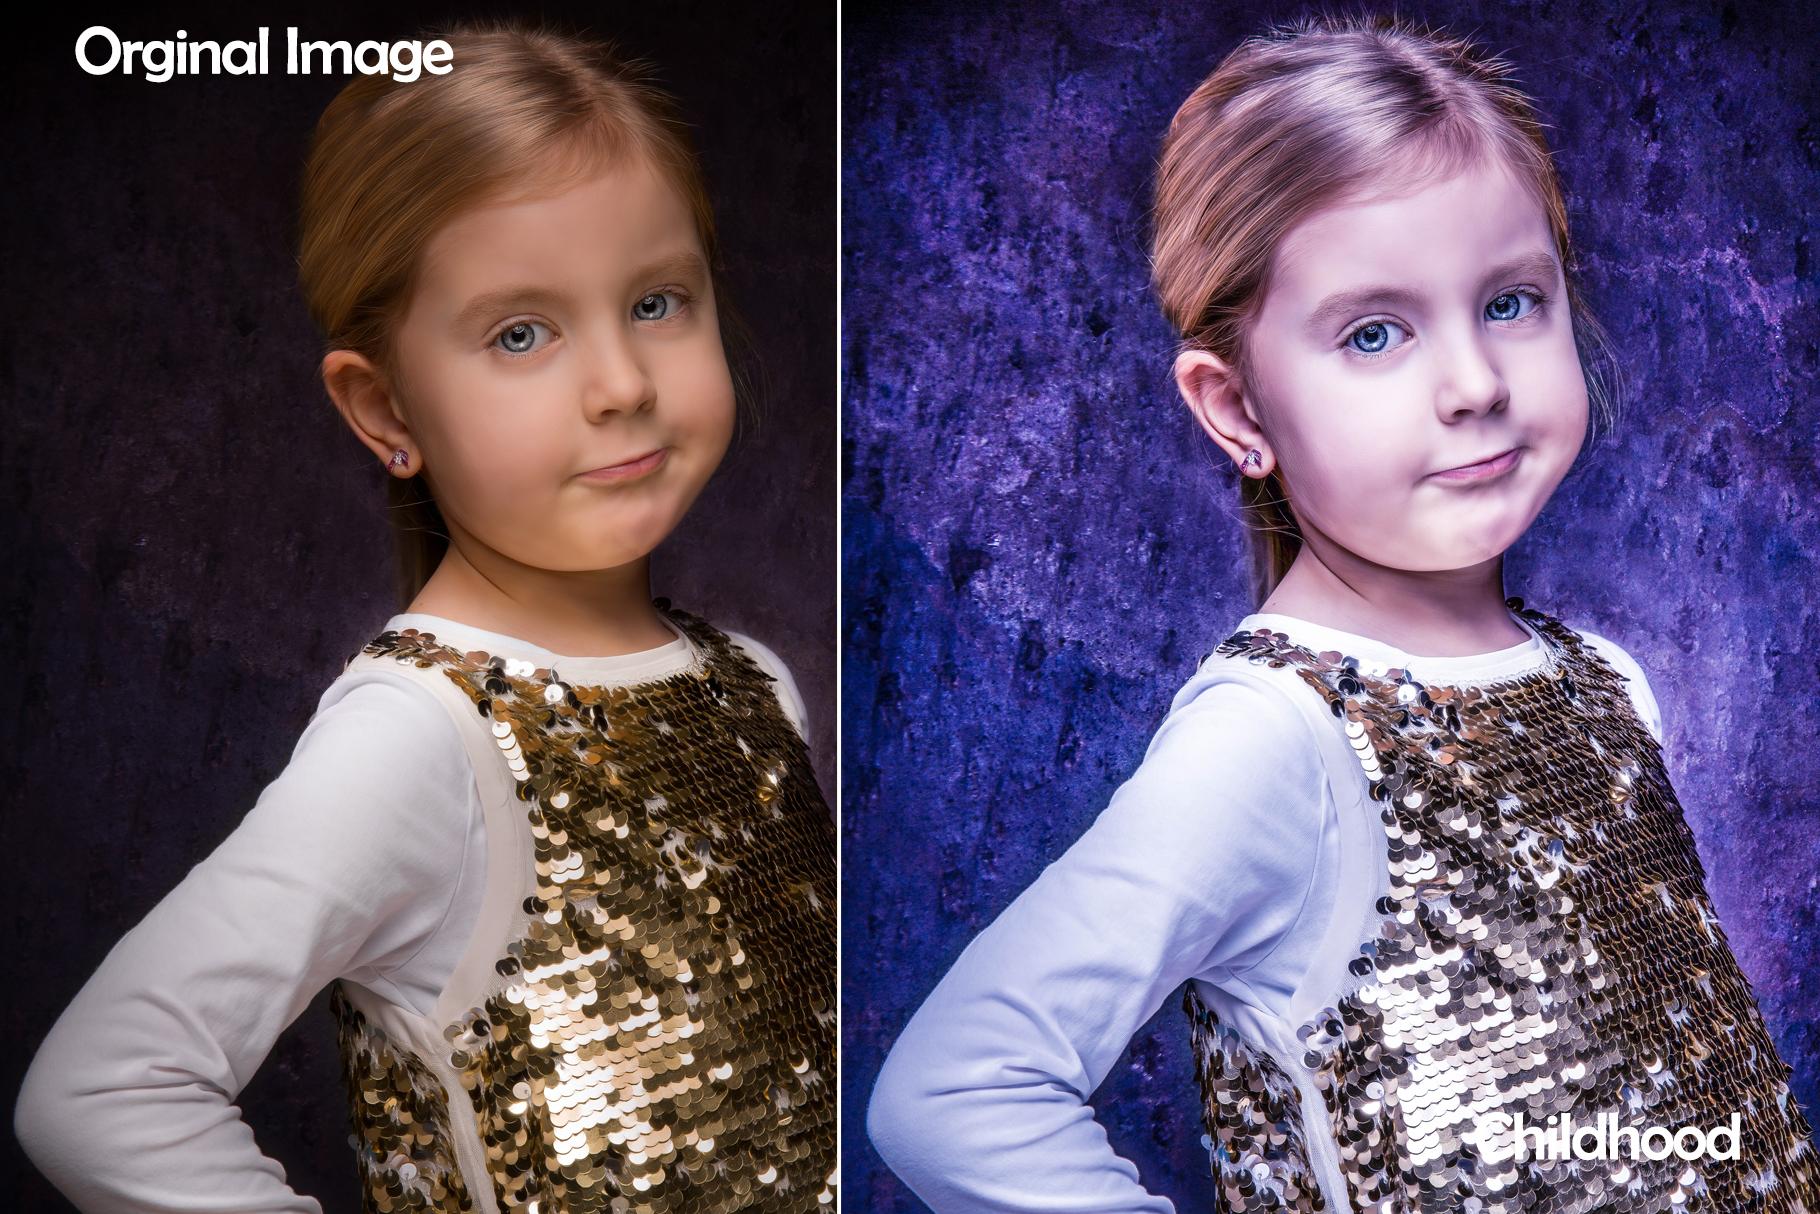 100 Side Light Childhood Lightroom Presets example image 5